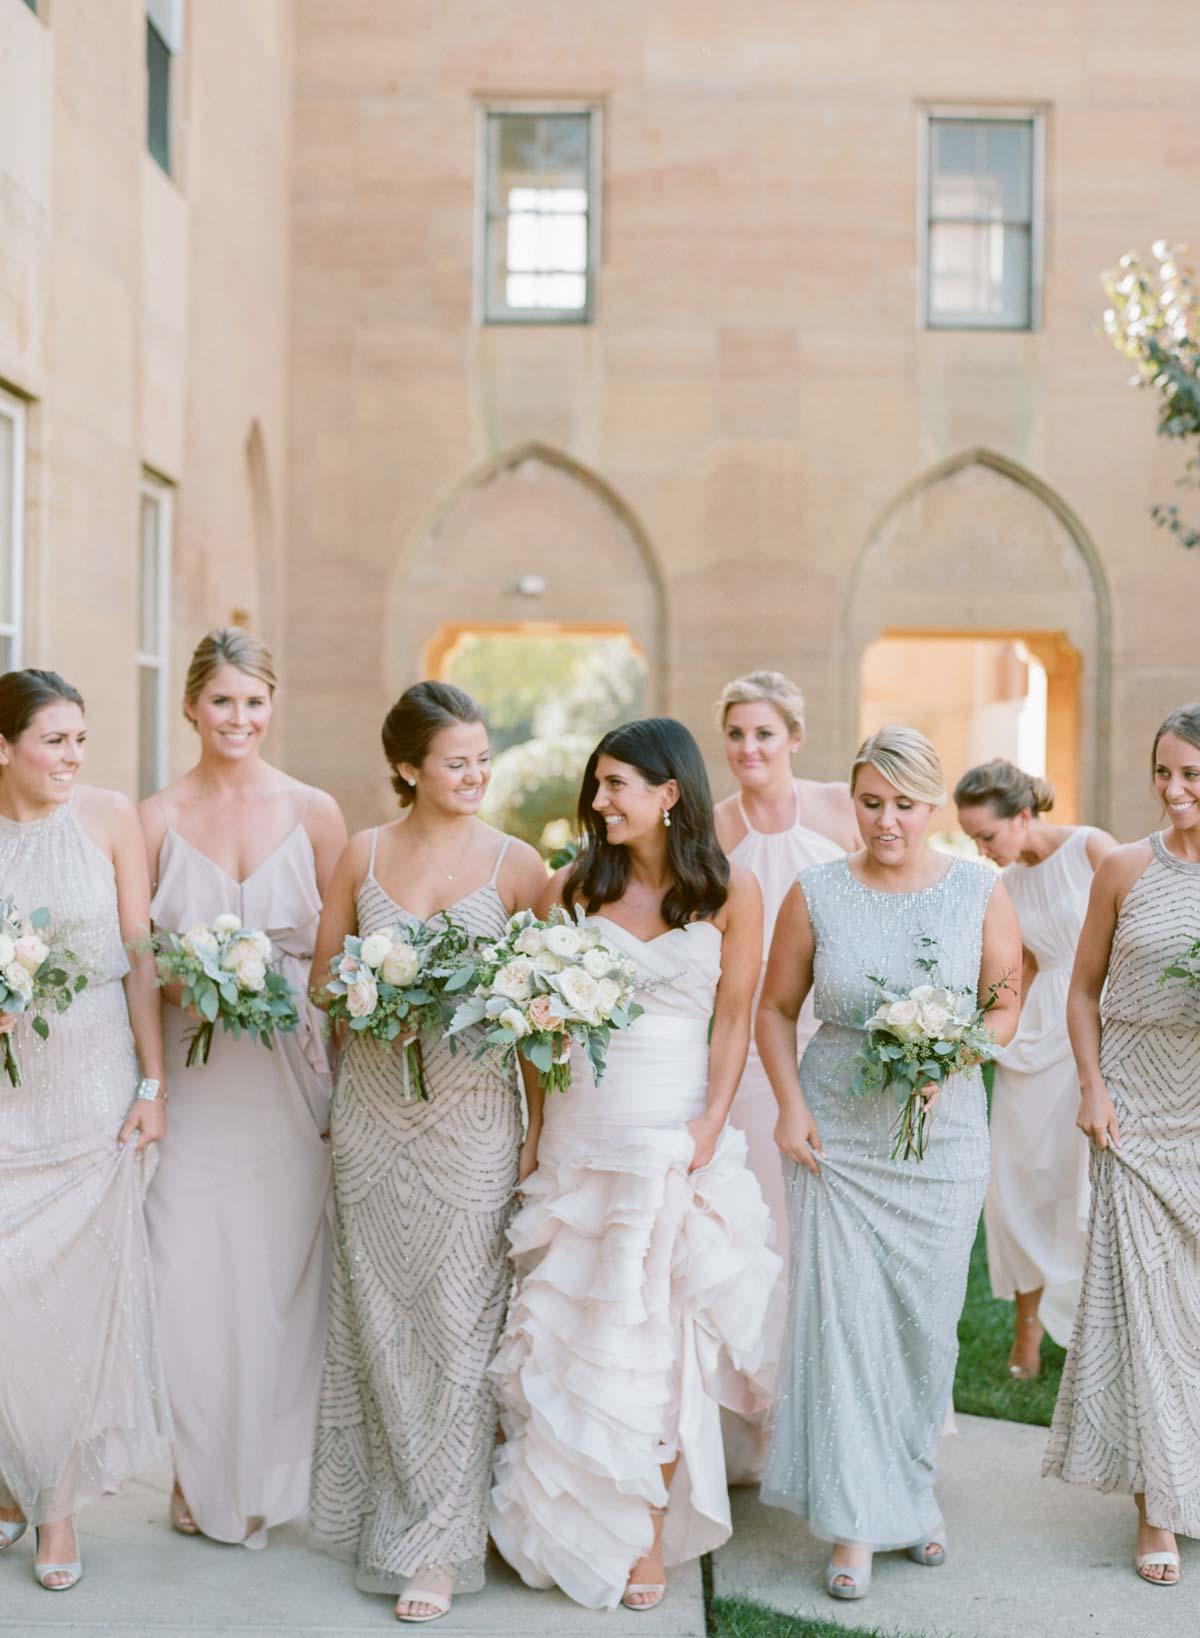 kateweinsteinphoto_chicago_wedding-128.jpg